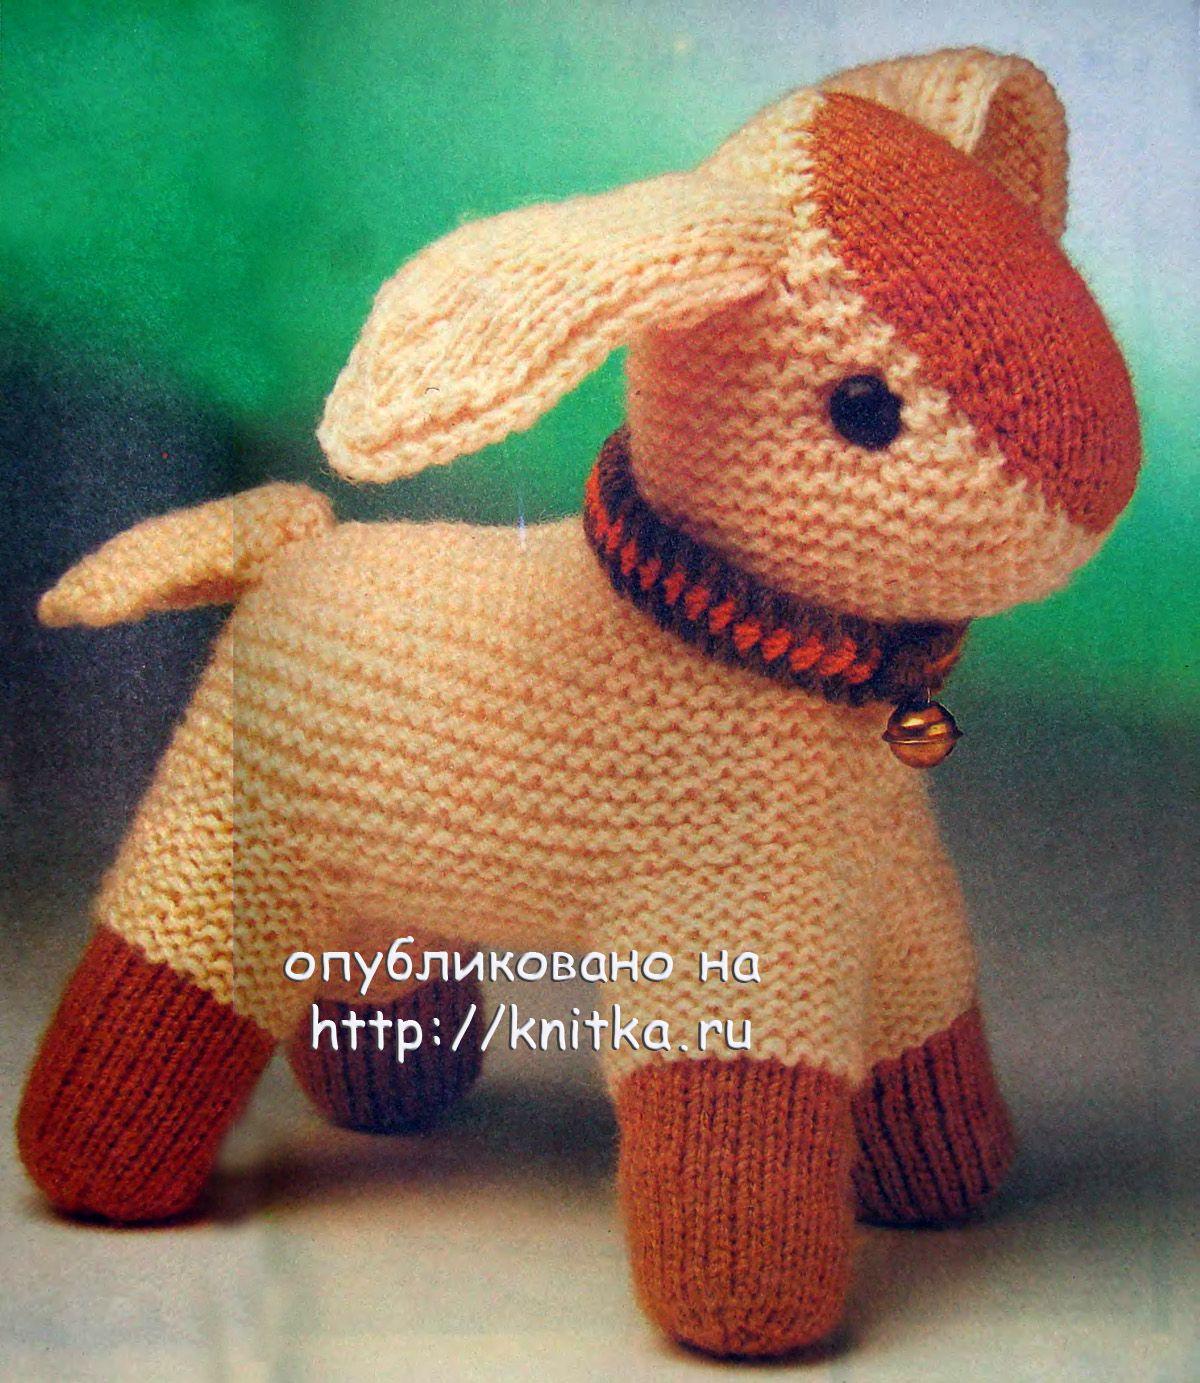 Вязание на спицах игрушки подробное описание